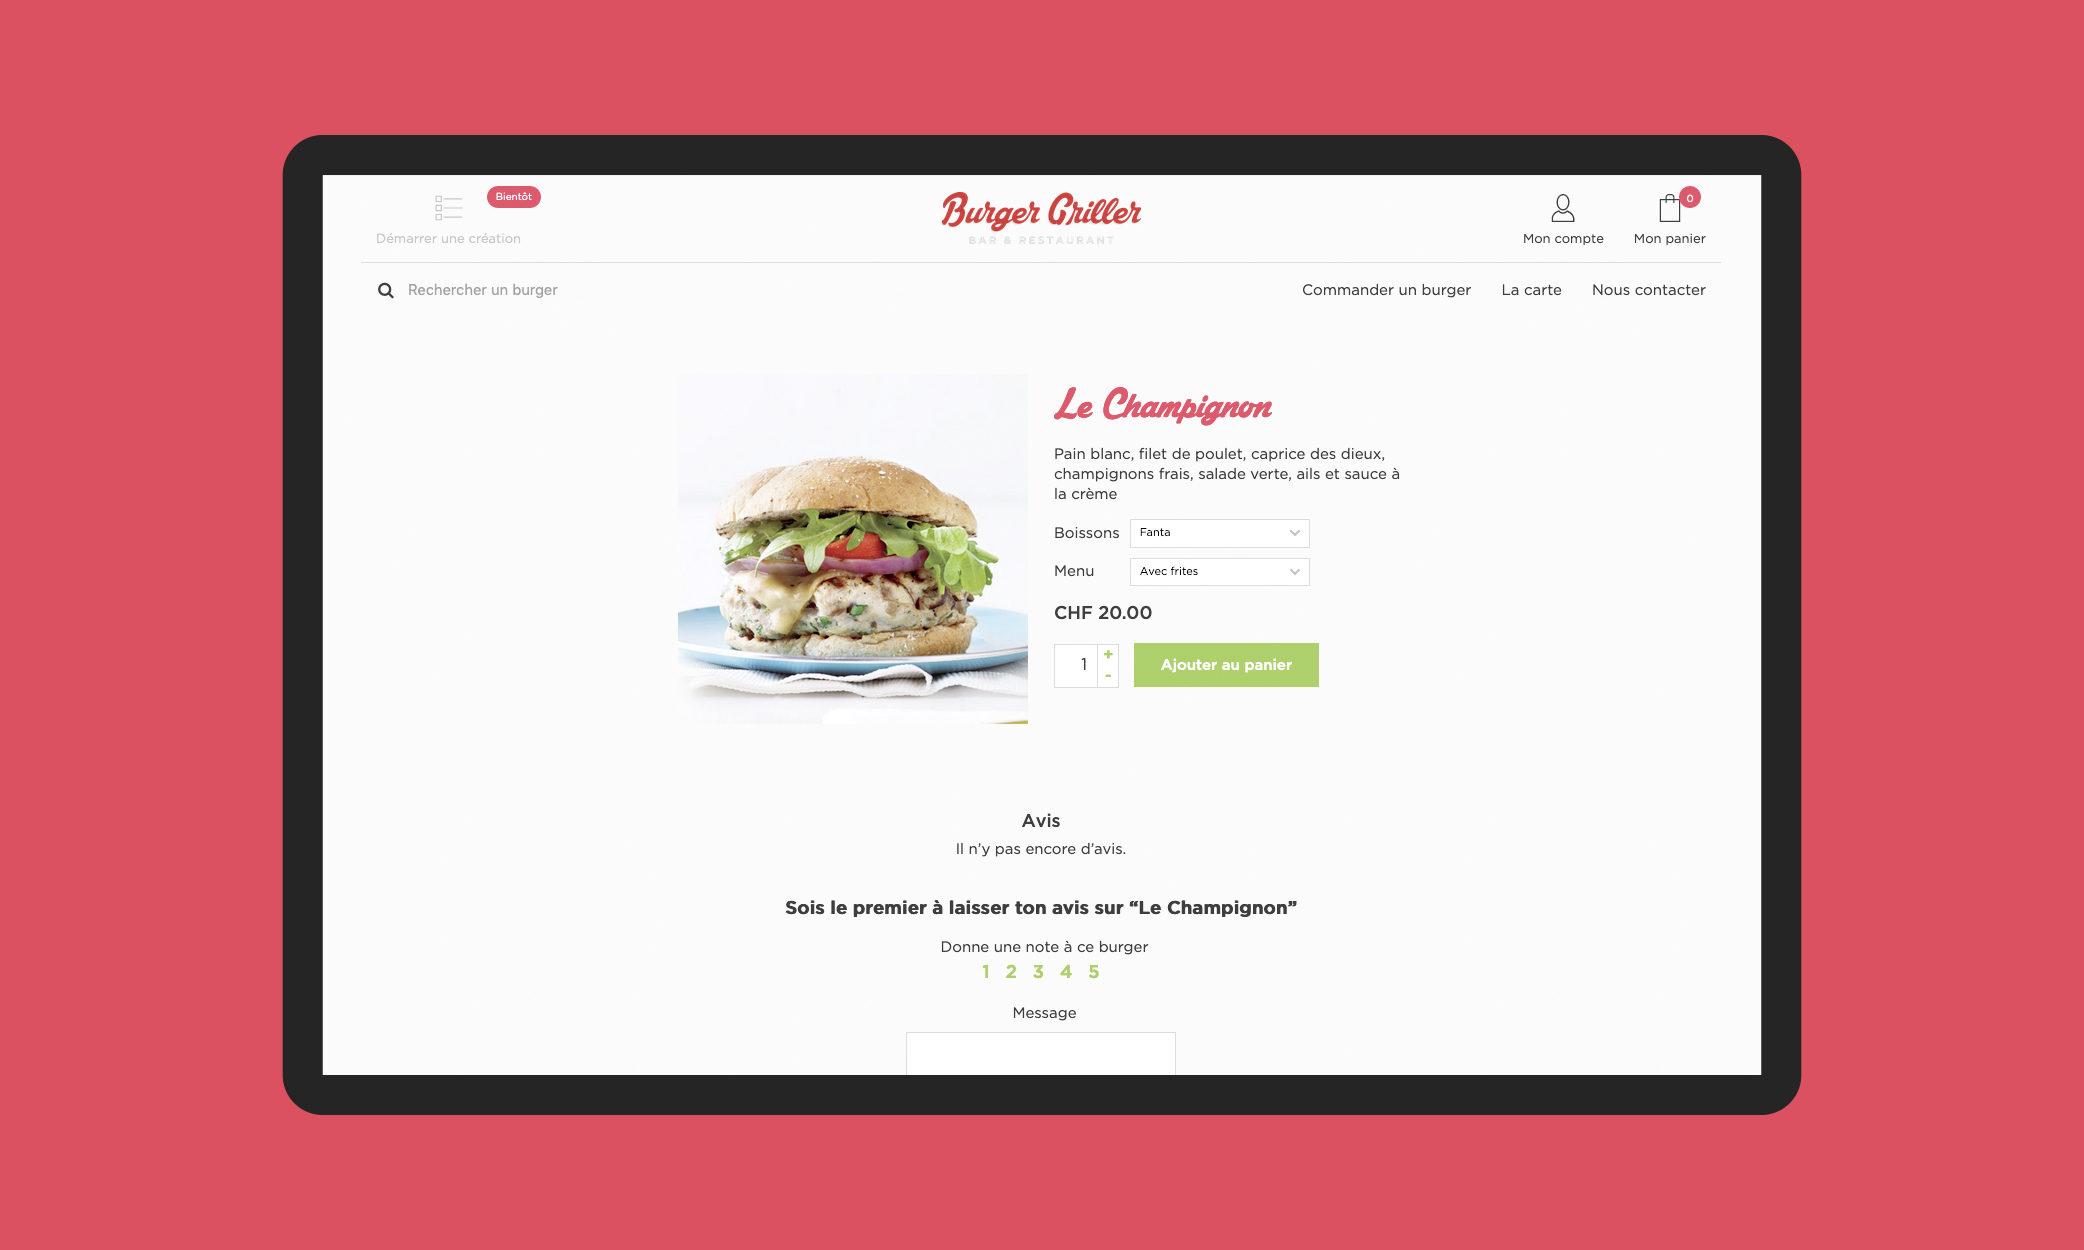 Page d'un burger du site Burger Griller